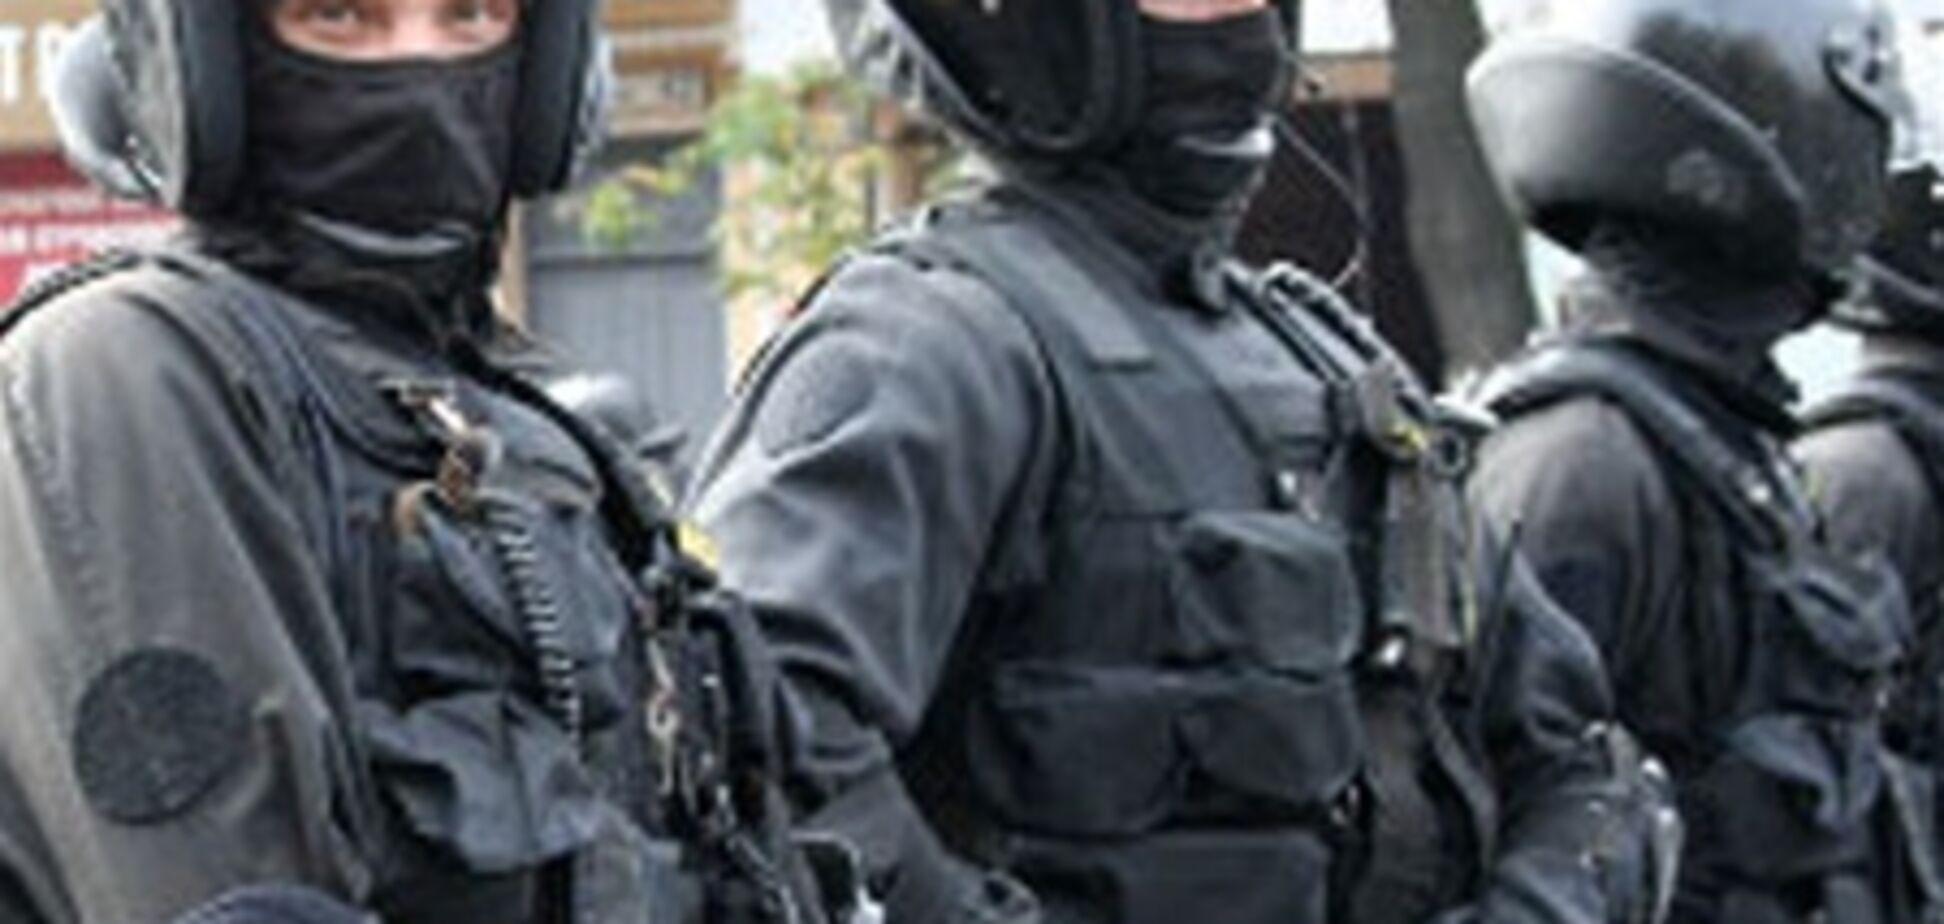 Во время задержания трое молодчиков сломали позвоночник 'беркутовцу'